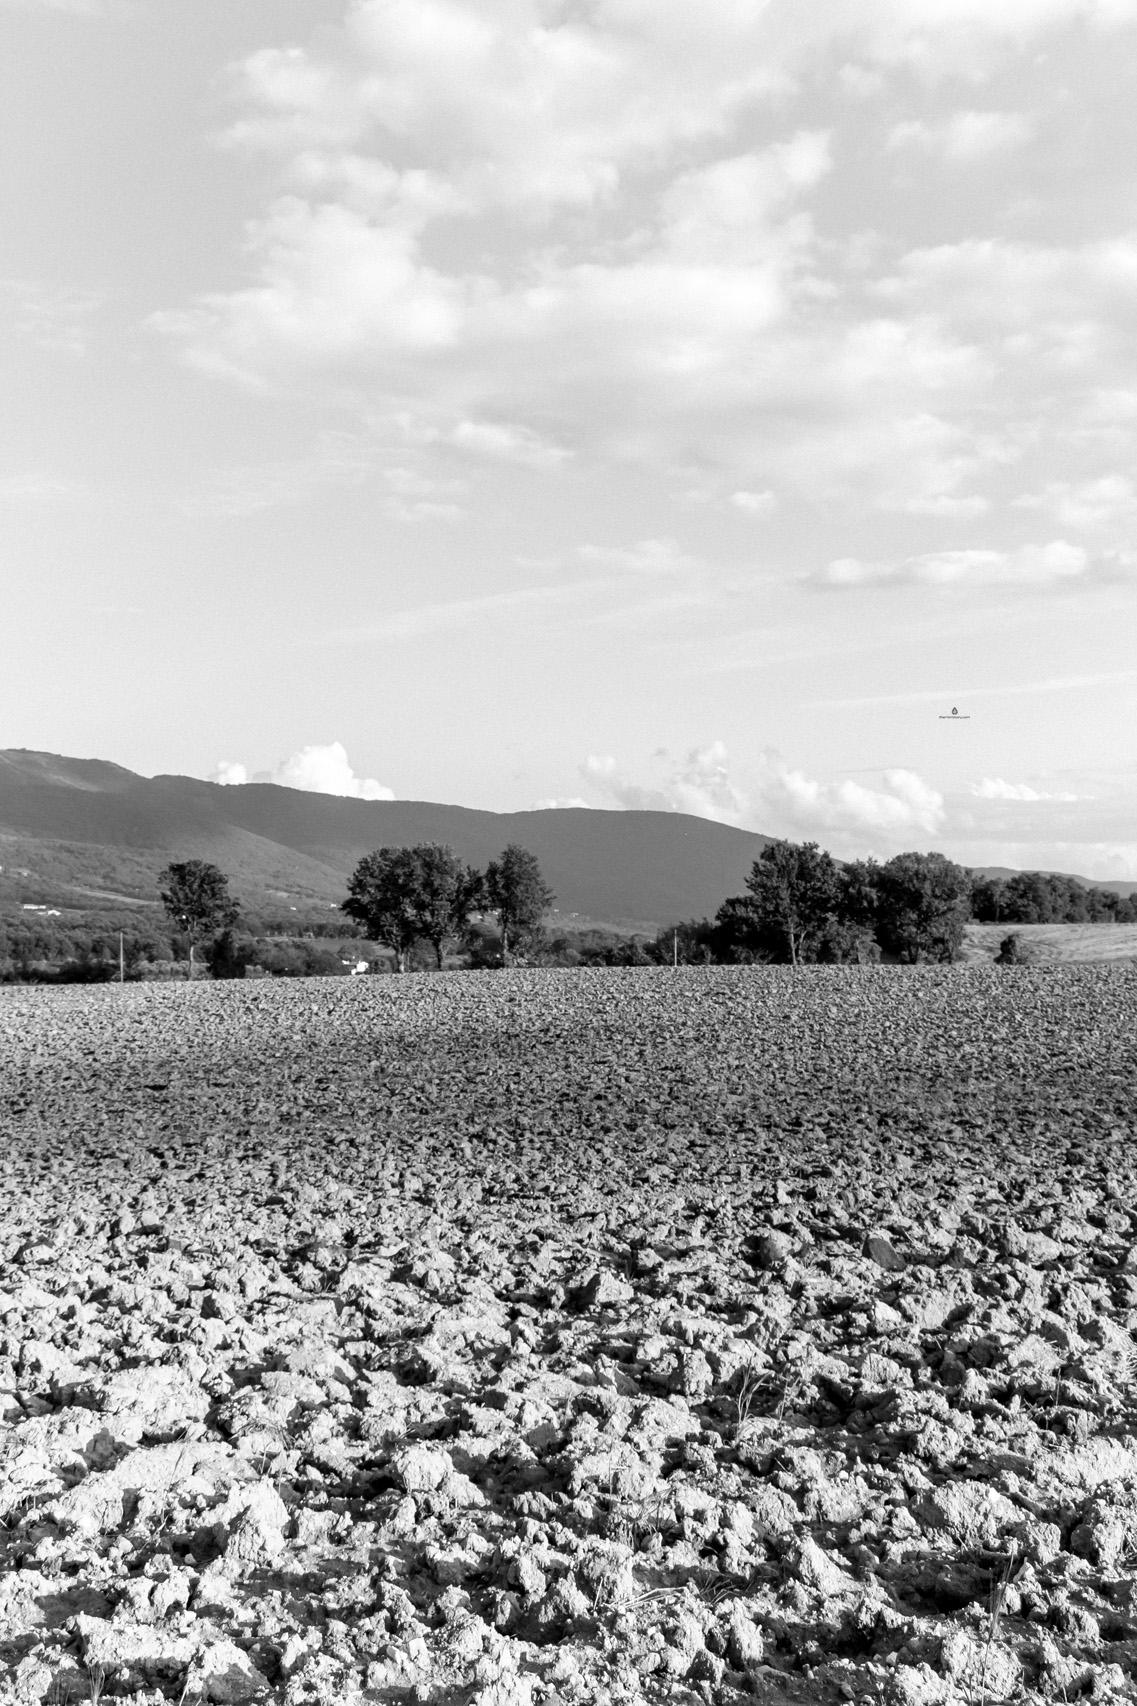 Fields near Todi, Umbria